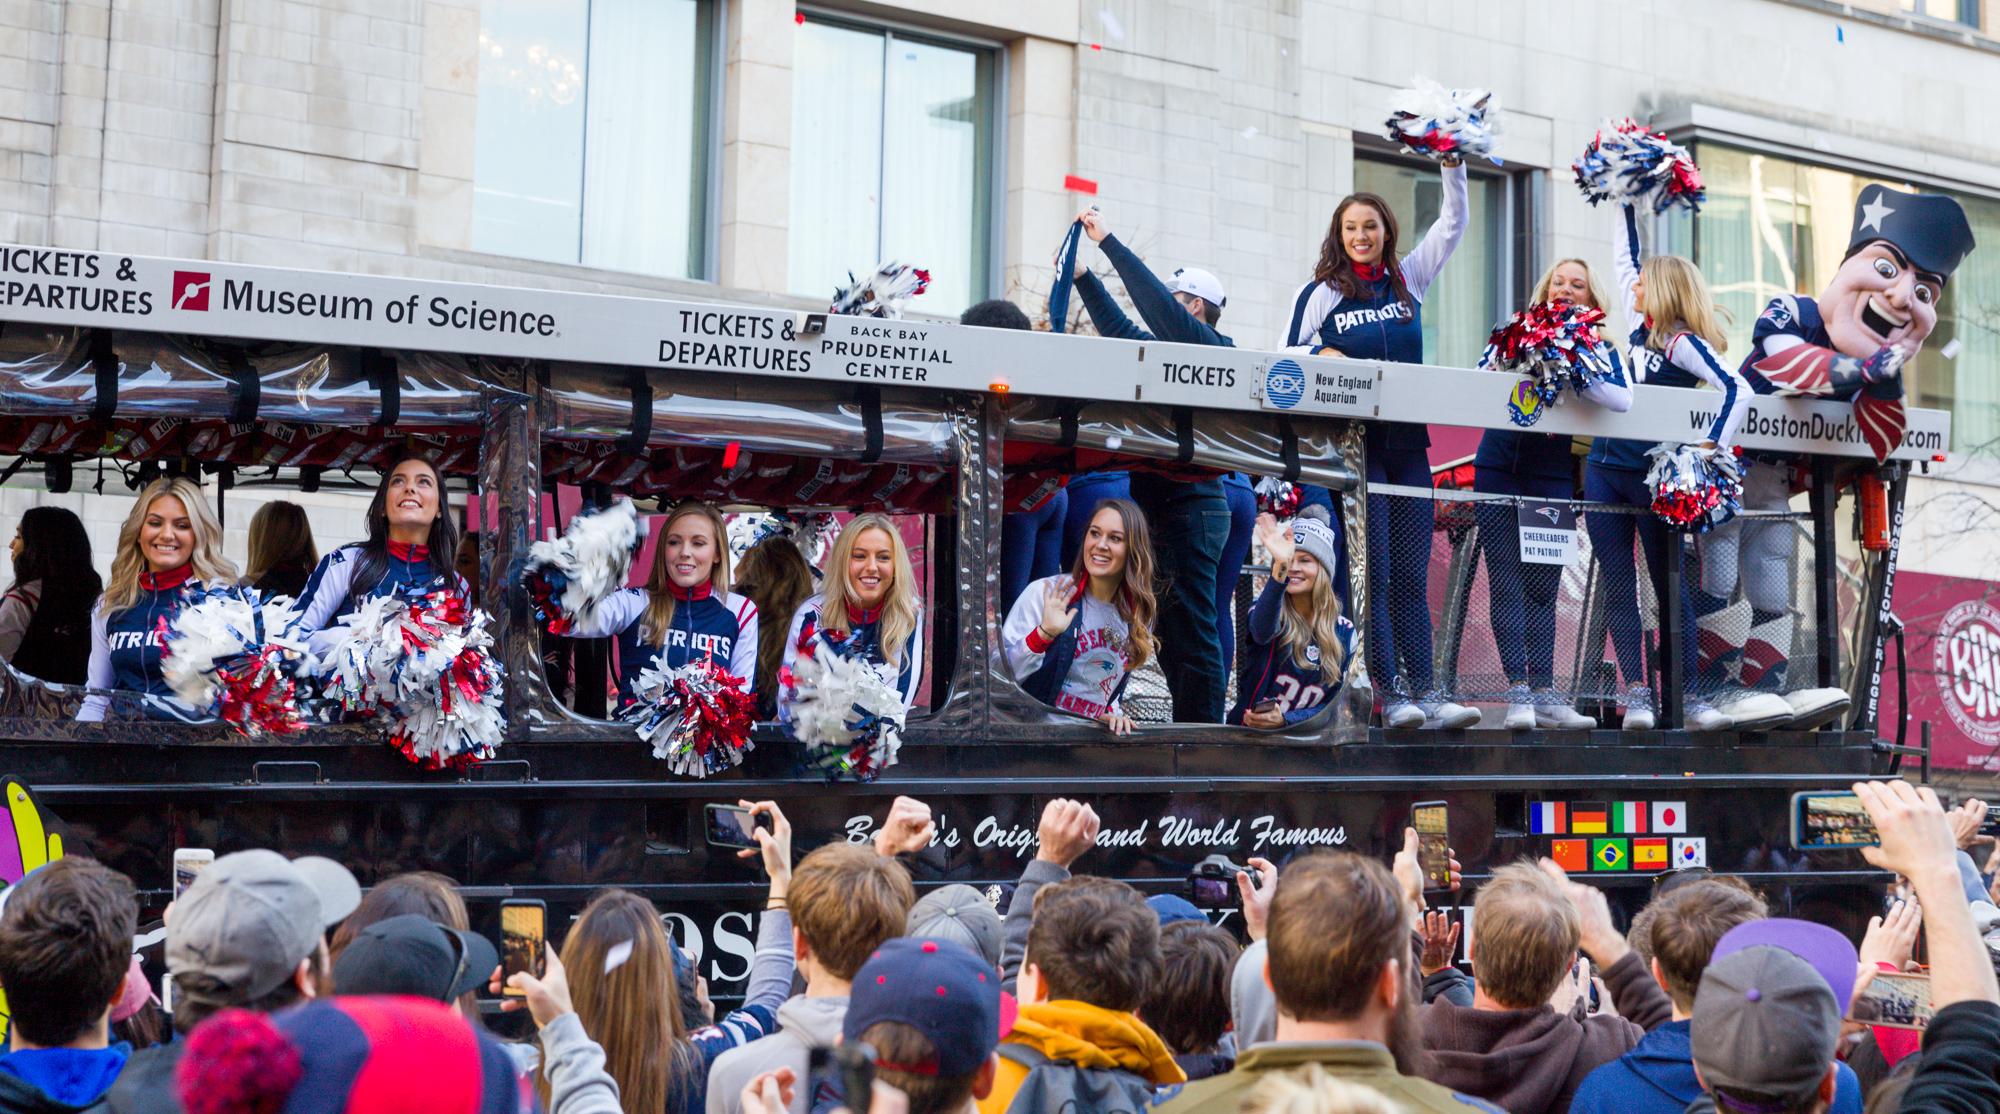 Cheerleaders, Pat Patriot